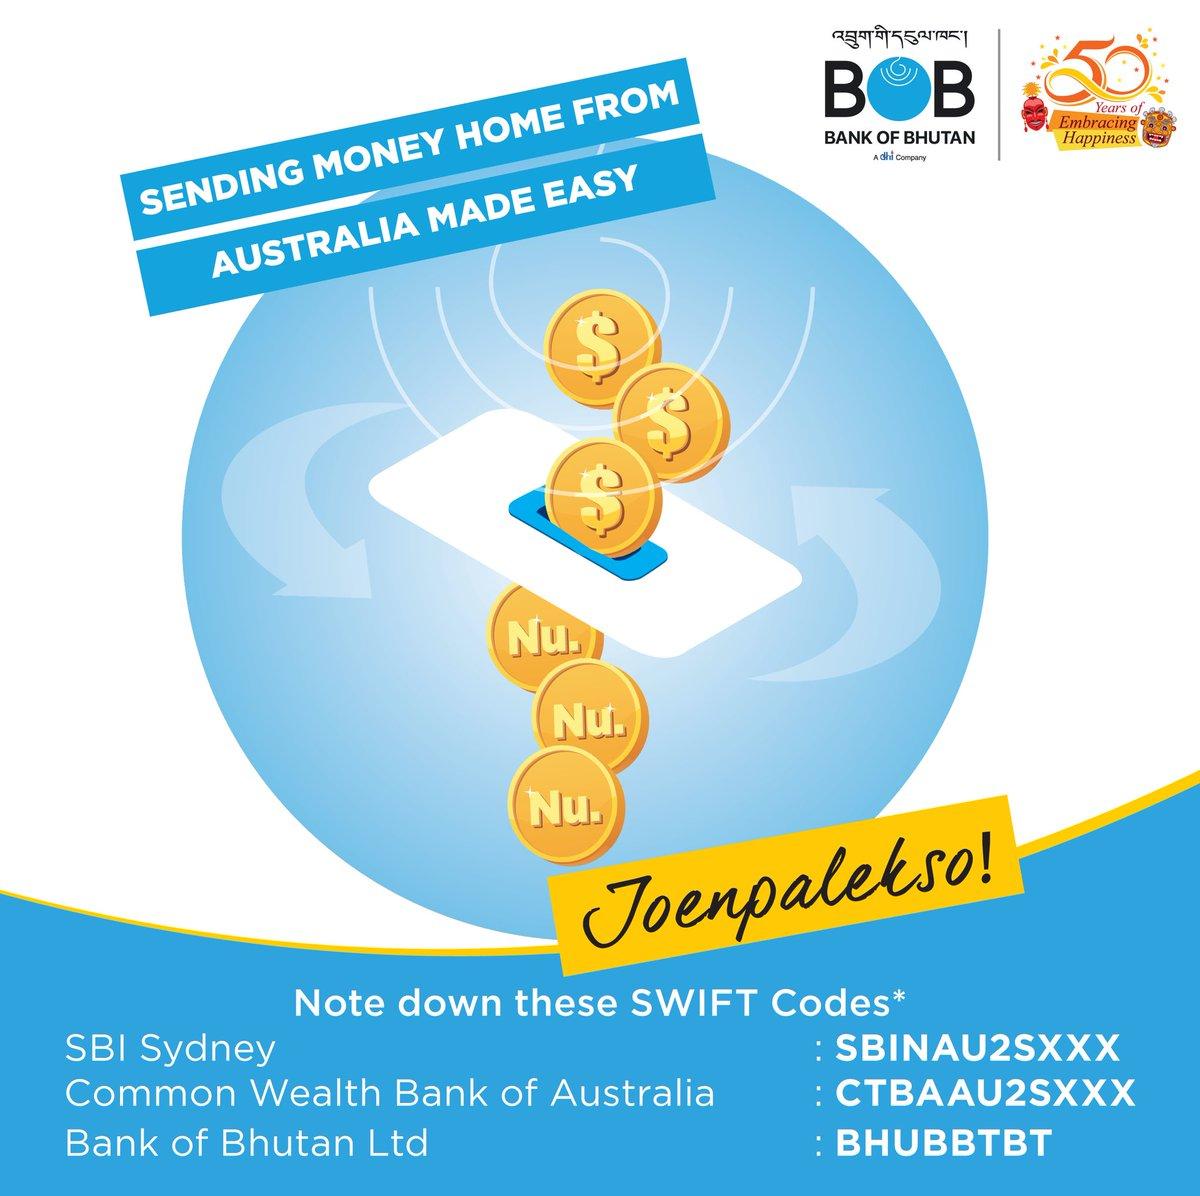 Bank Of Bhutan Ltd On Twitter Sending